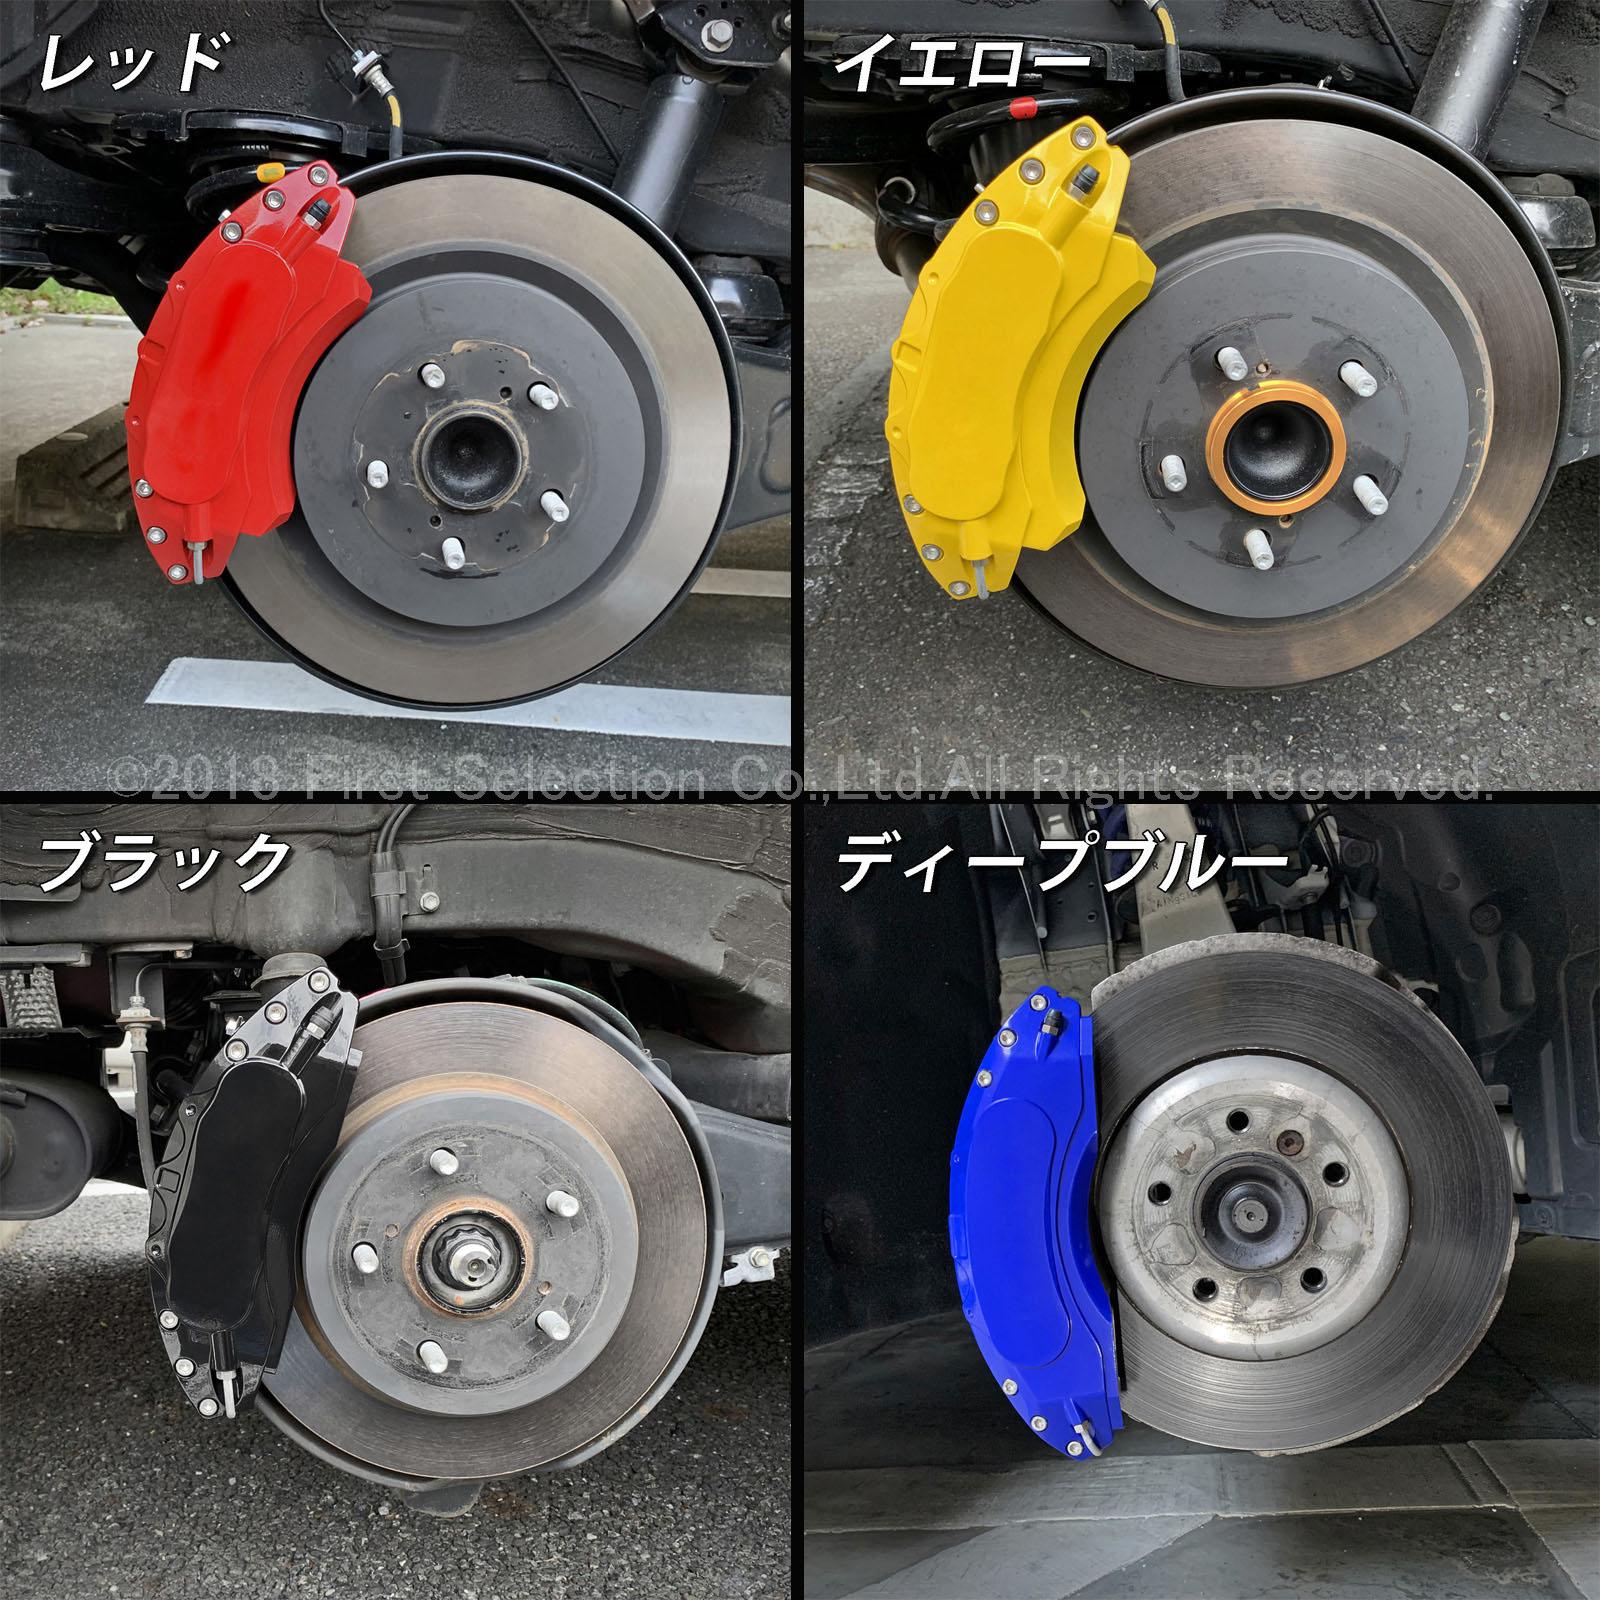 レクサス車 F-SPORTロゴ銀文字 LS40系用 高耐久金属製キャリパーカバーセット赤 LEXUS LS40系 40LS LS460 LS600h USF40 USF45 UVF45 Fスポーツ